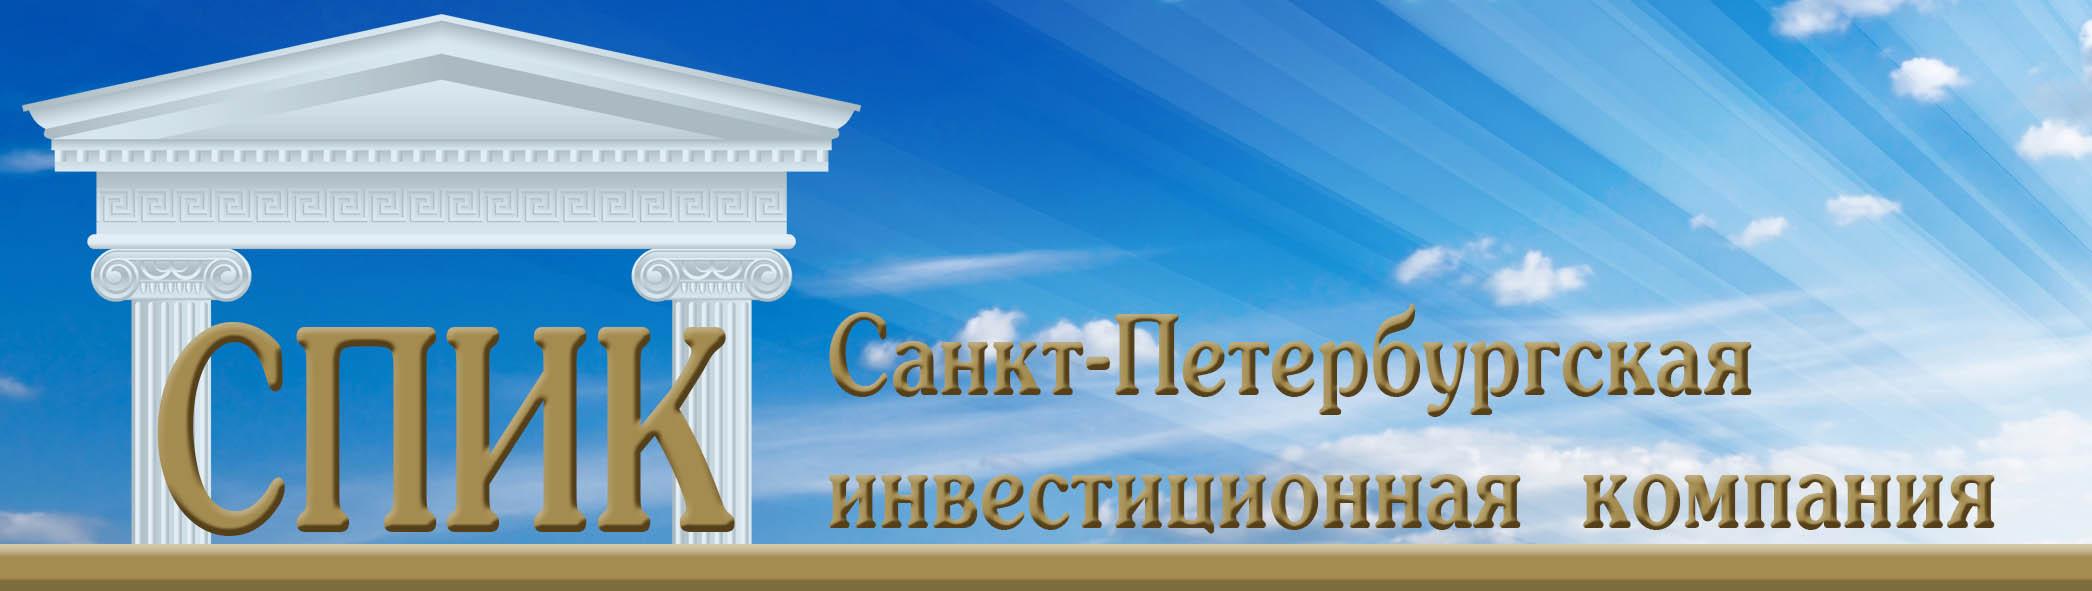 Санкт-Петербургская инвестиционная компания